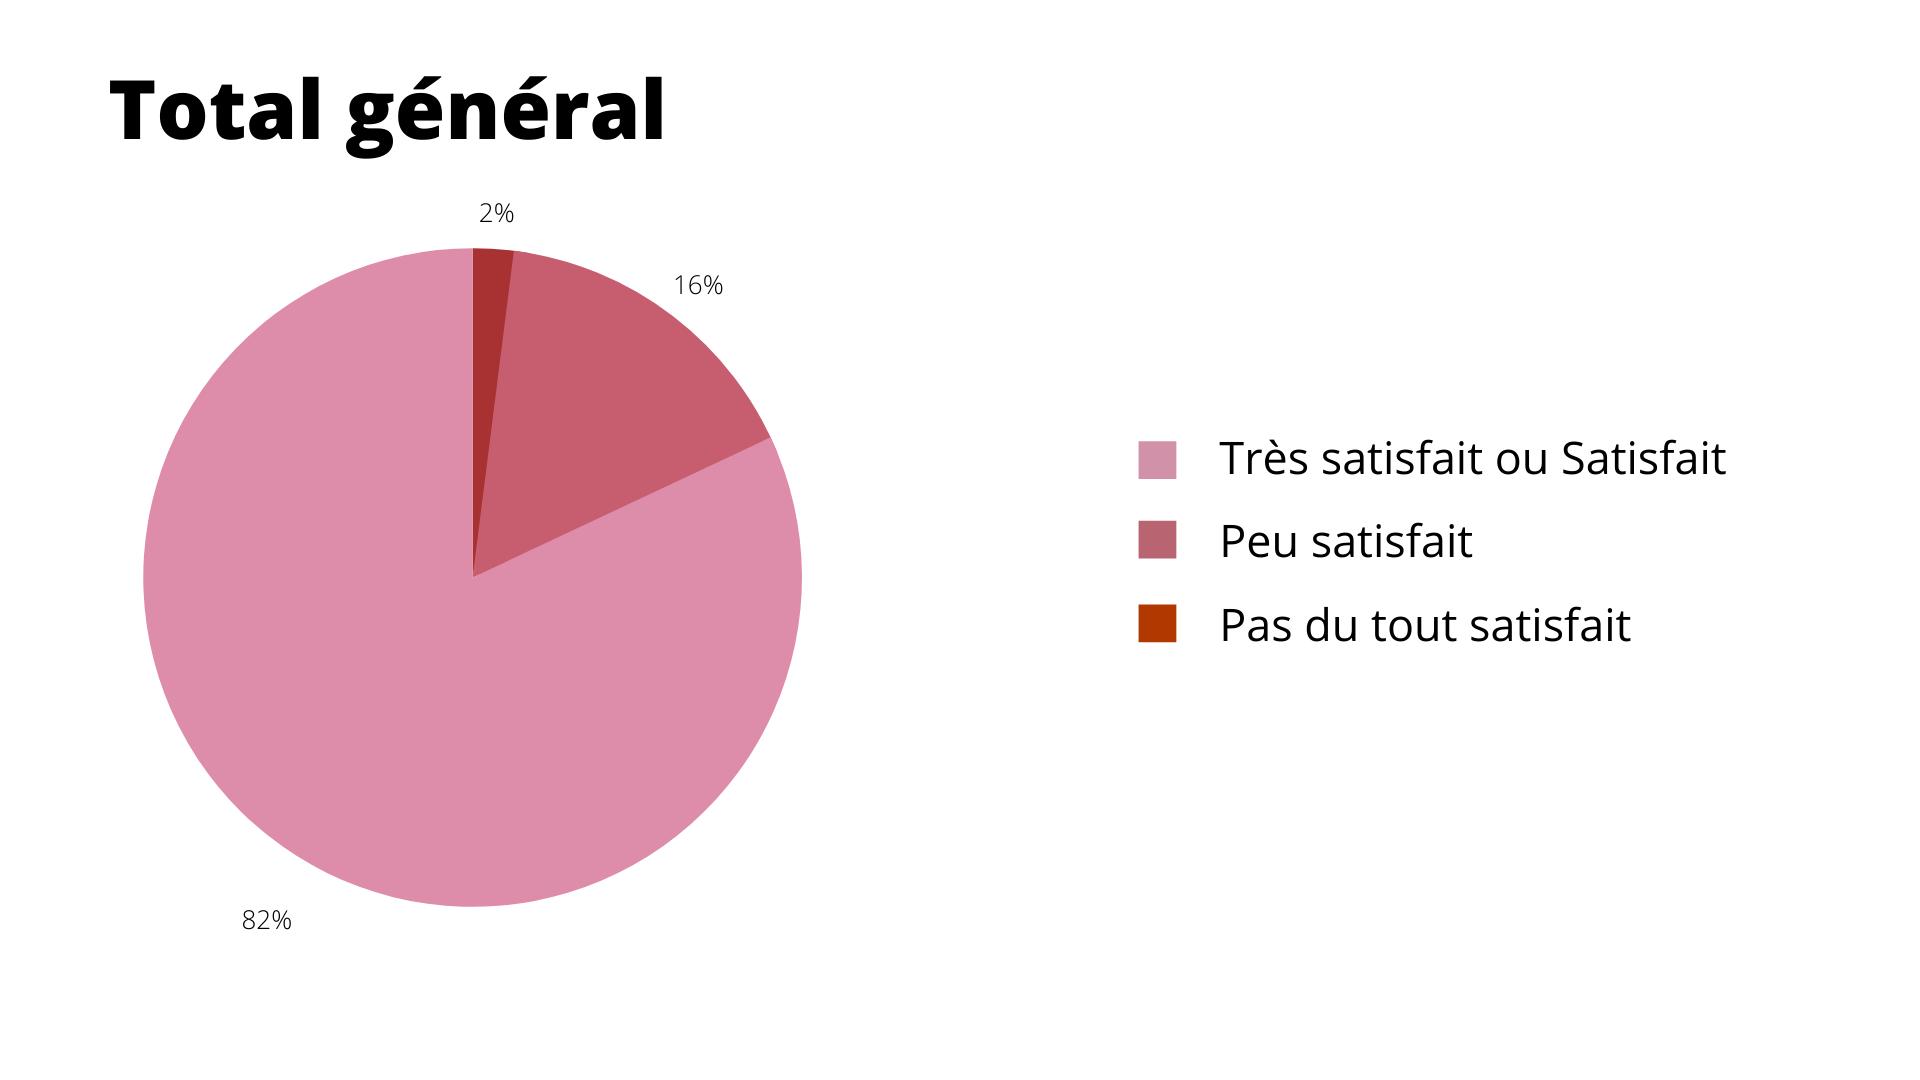 Résultat : Total général